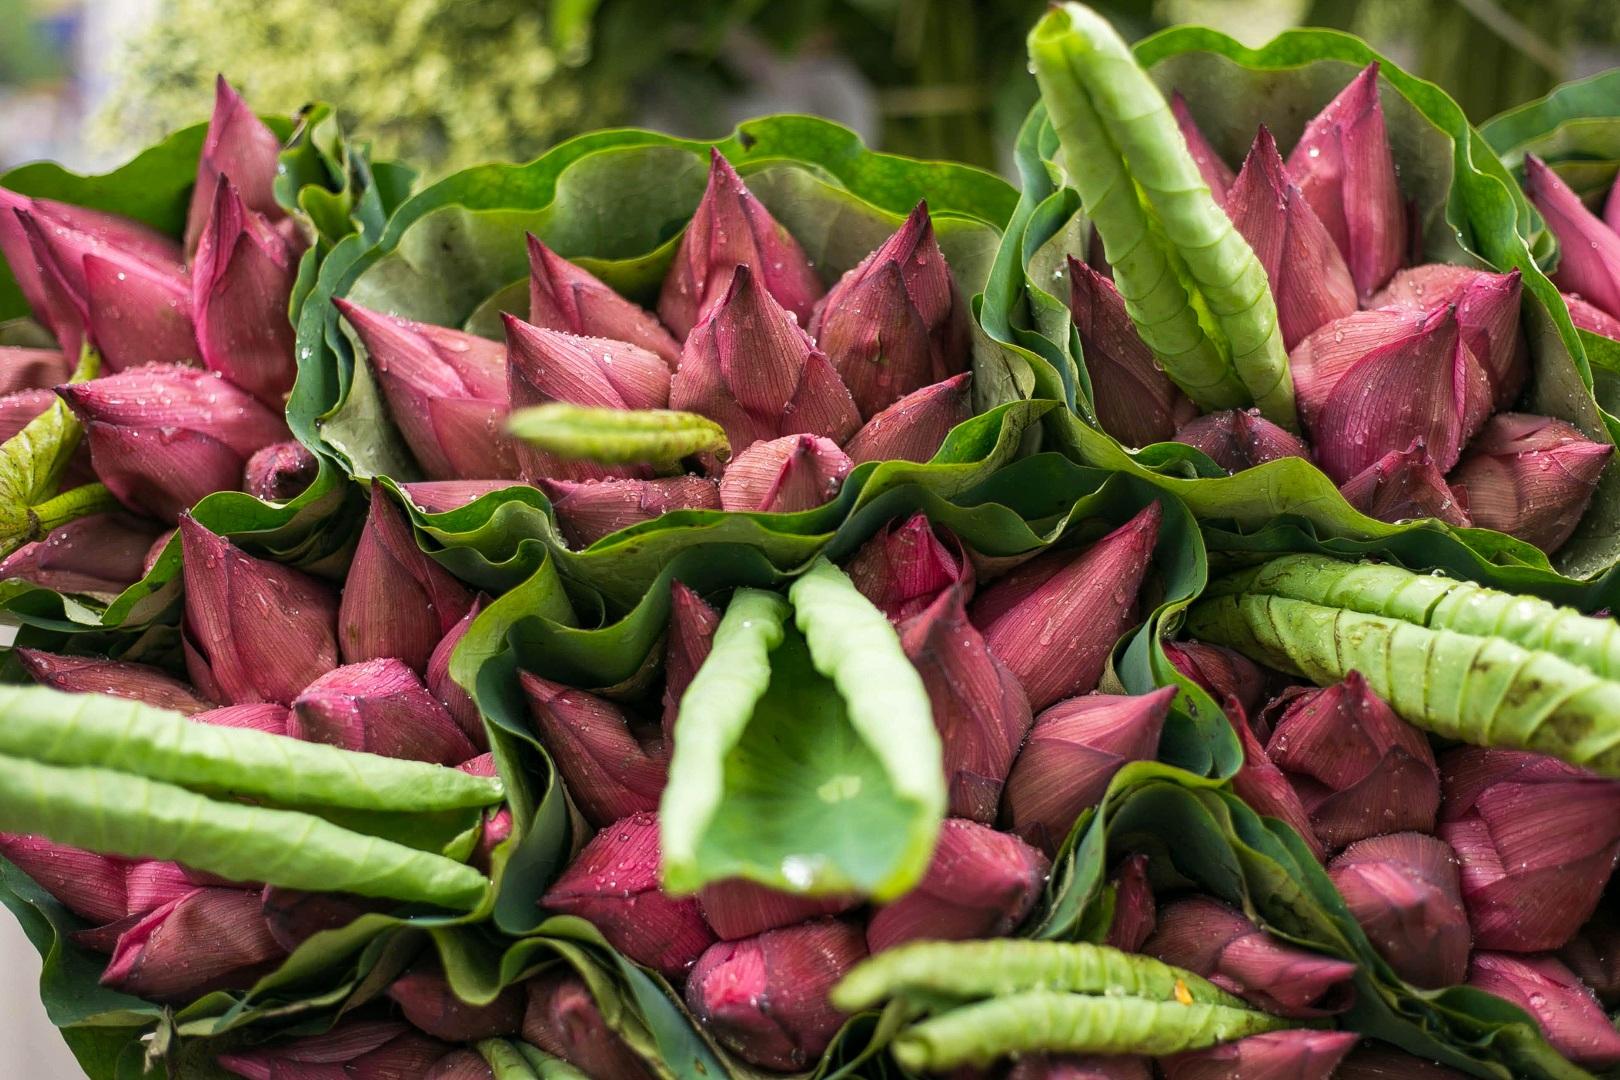 Nhẹ nhàng hương sắc hoa sen đầu mùa - 7